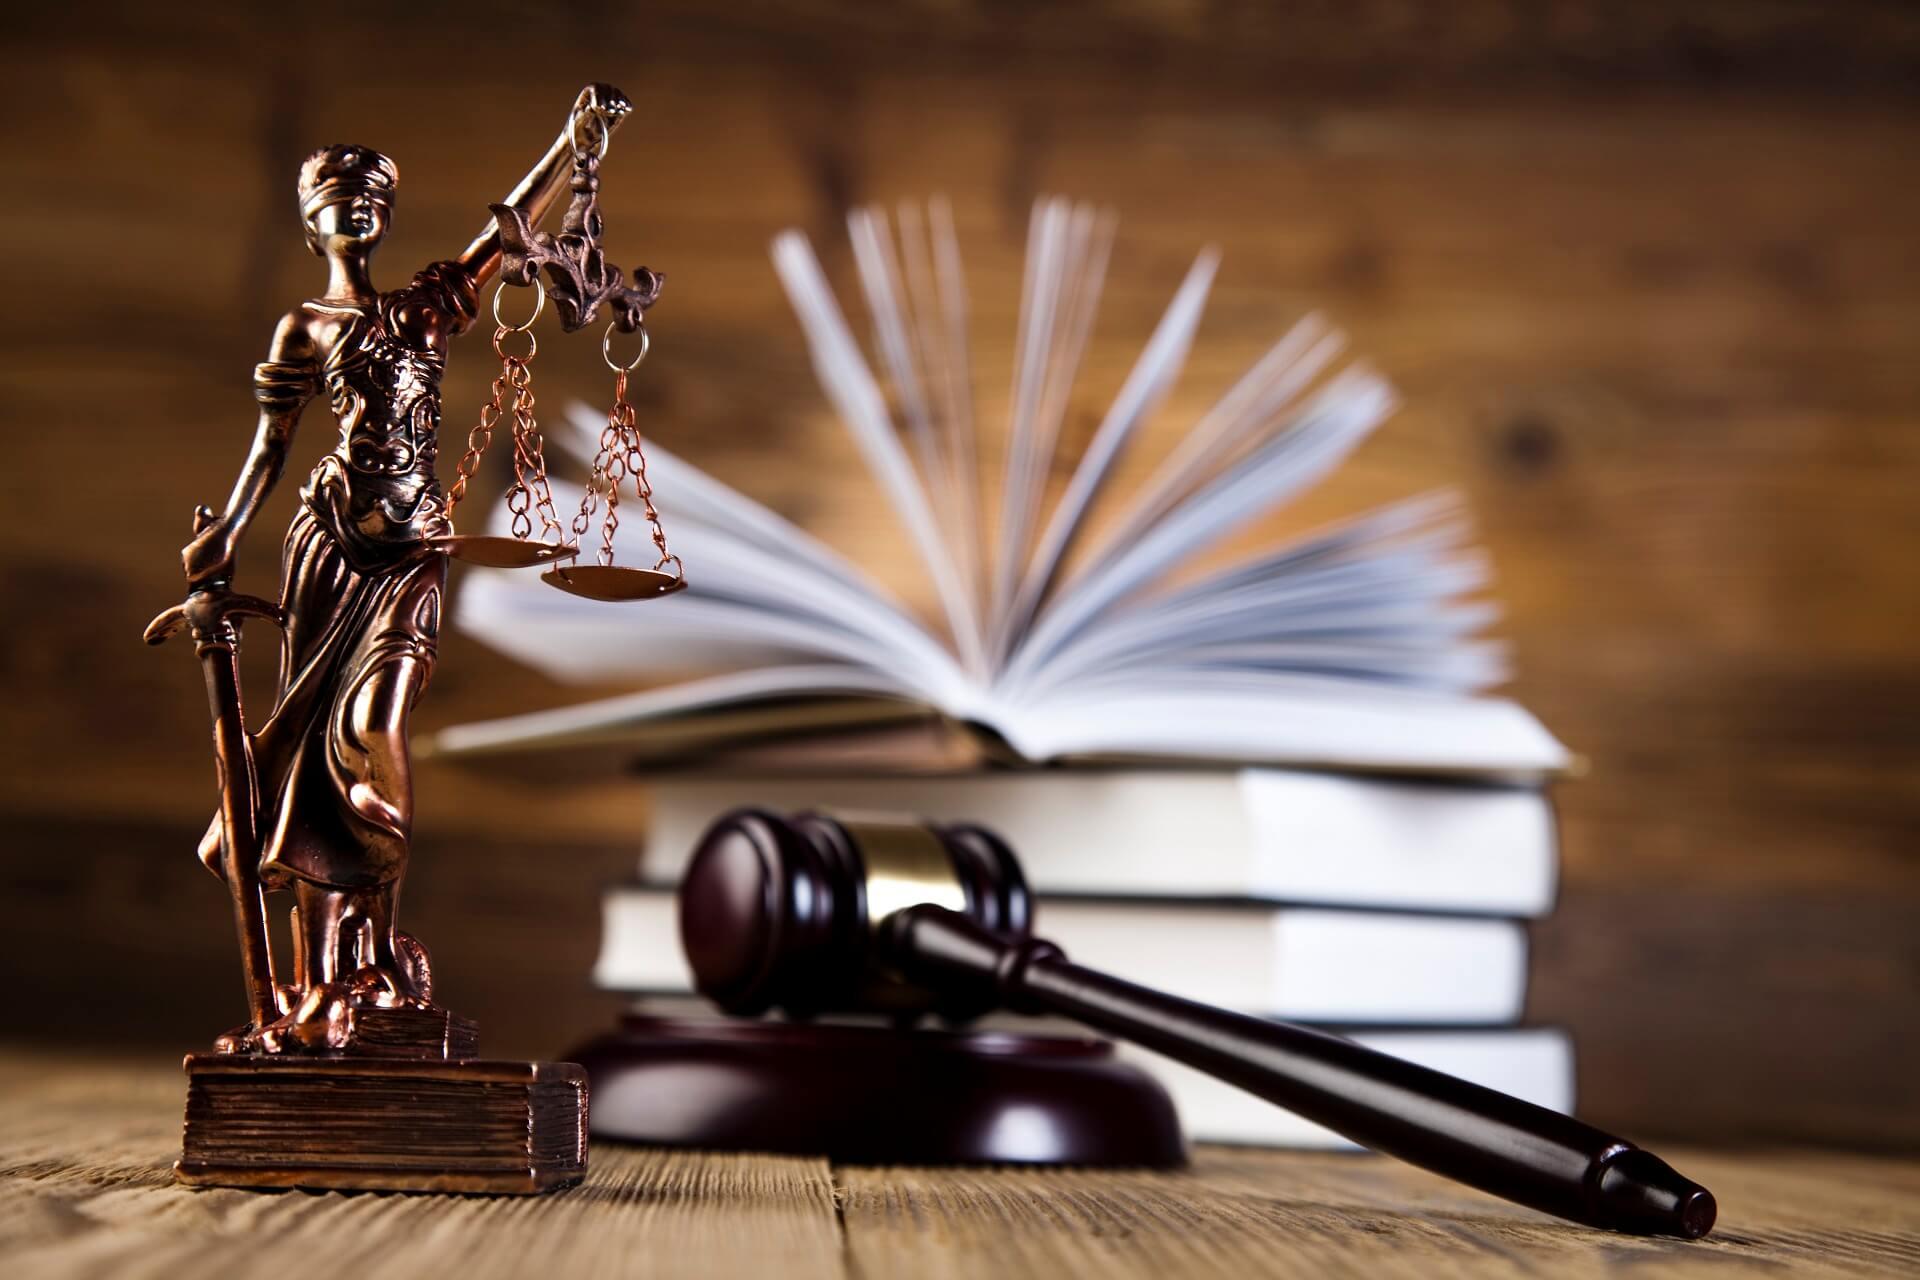 охоронно-юридична фірма Гепард - оформлення конституційної скарги